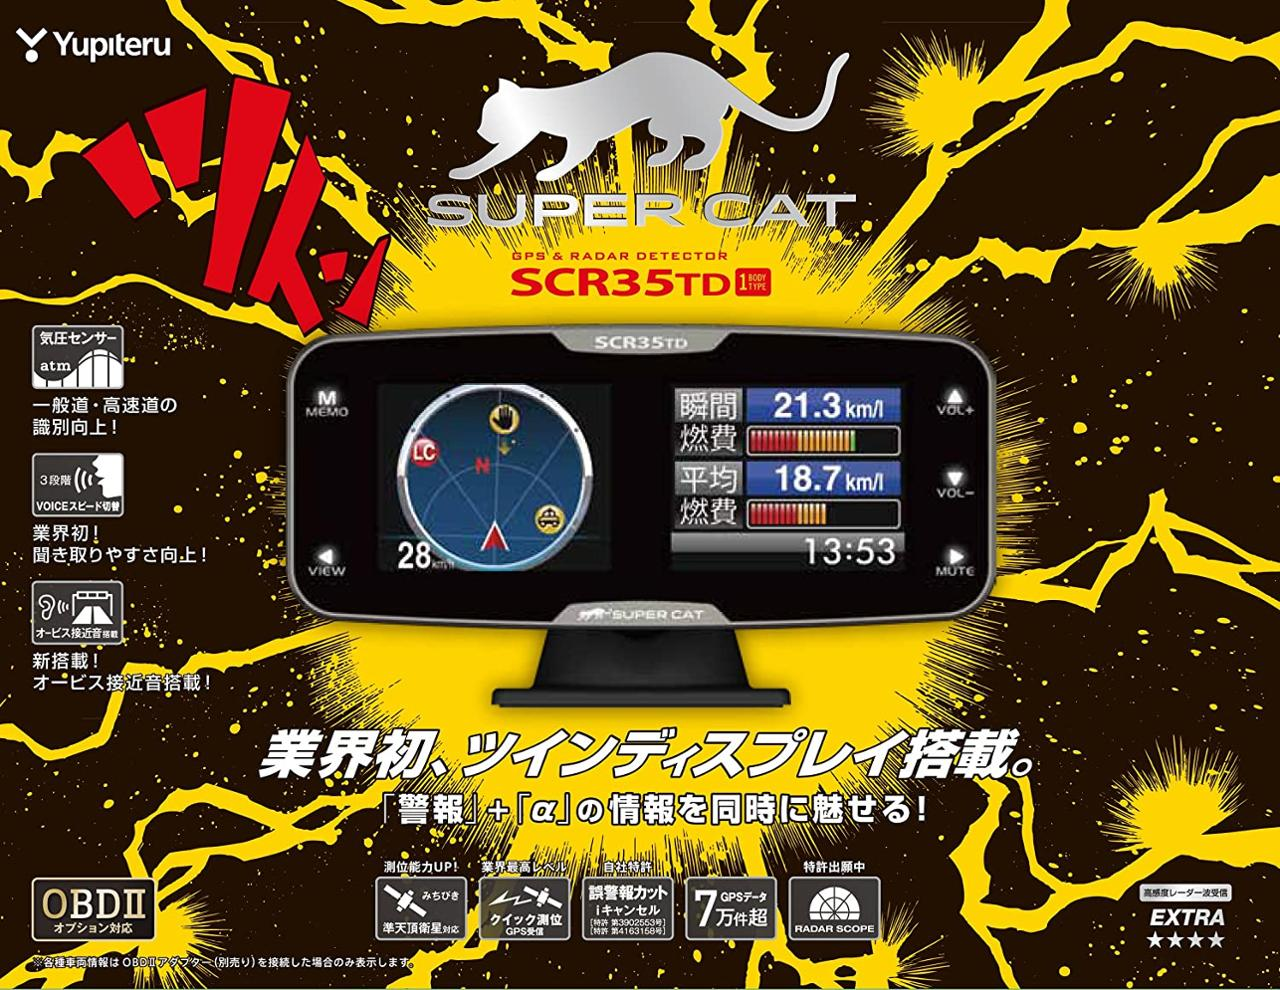 Yupiteru Super Cat SCR35TD